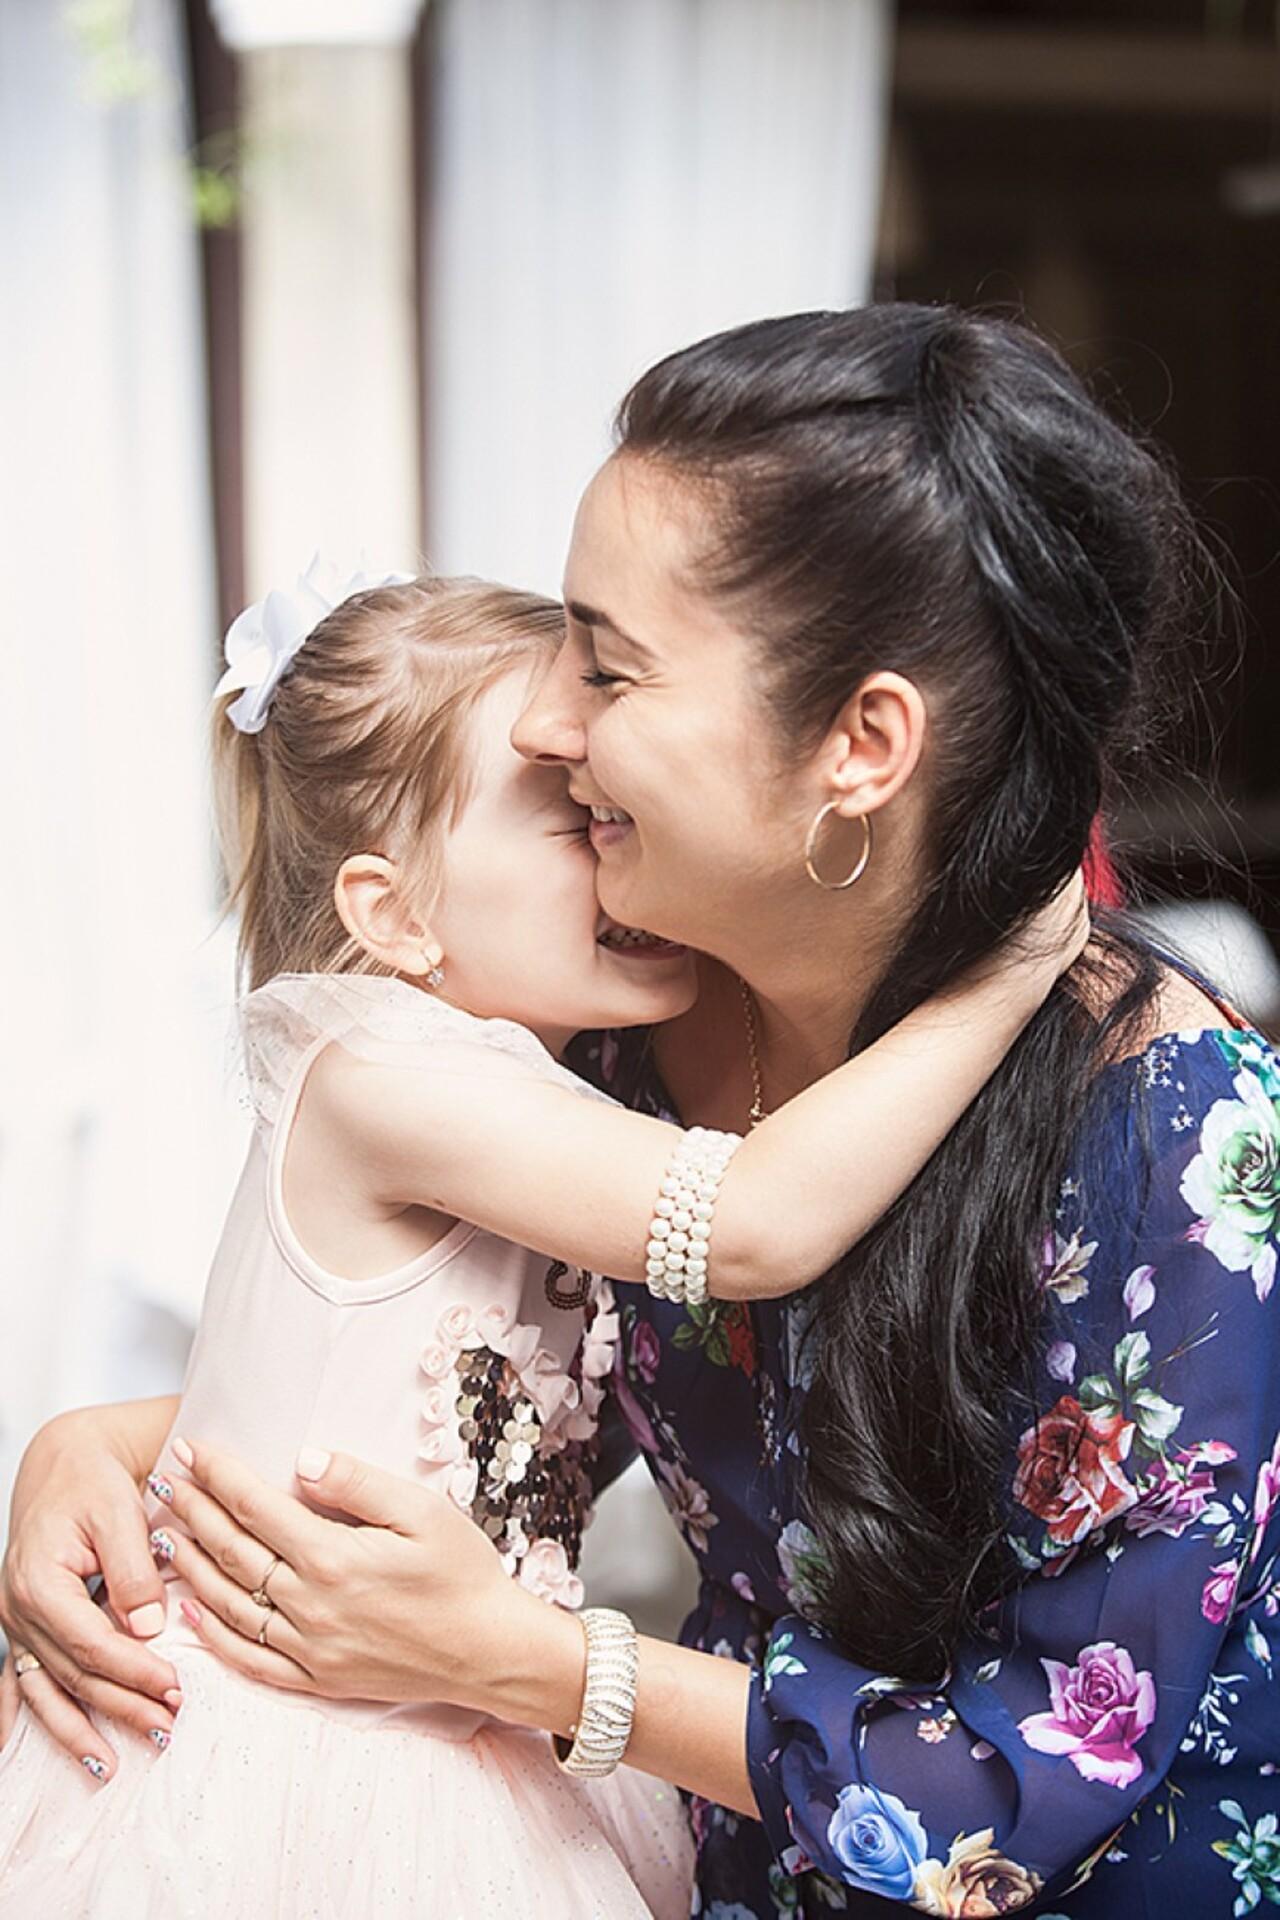 Автор: Abril, Фотозал: Радость материнства,